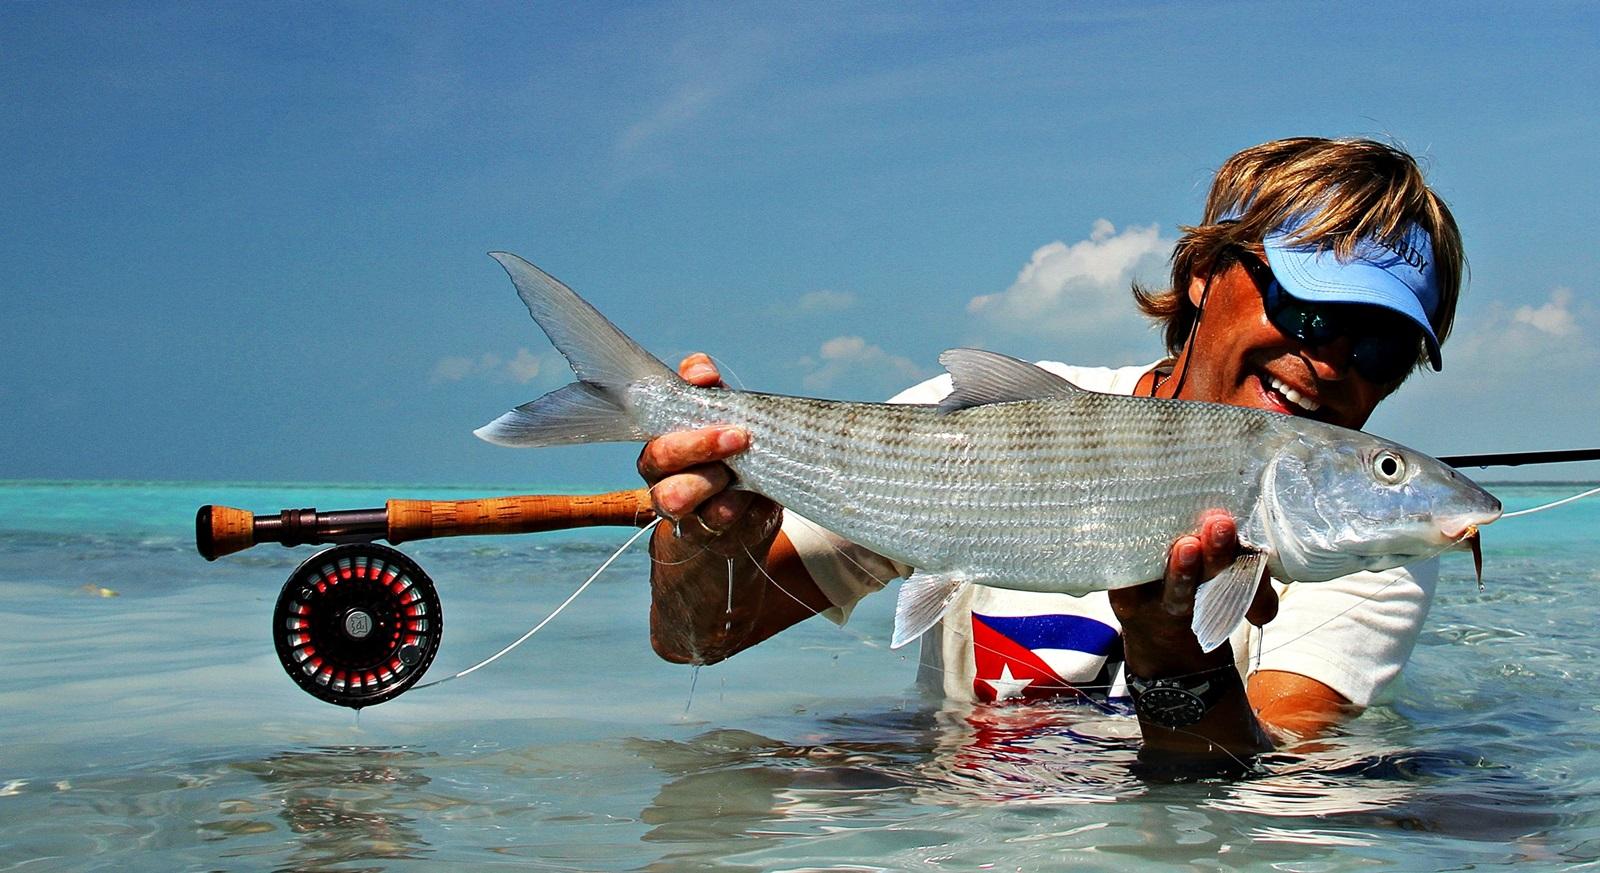 du kan vade eller fiske i fra båt